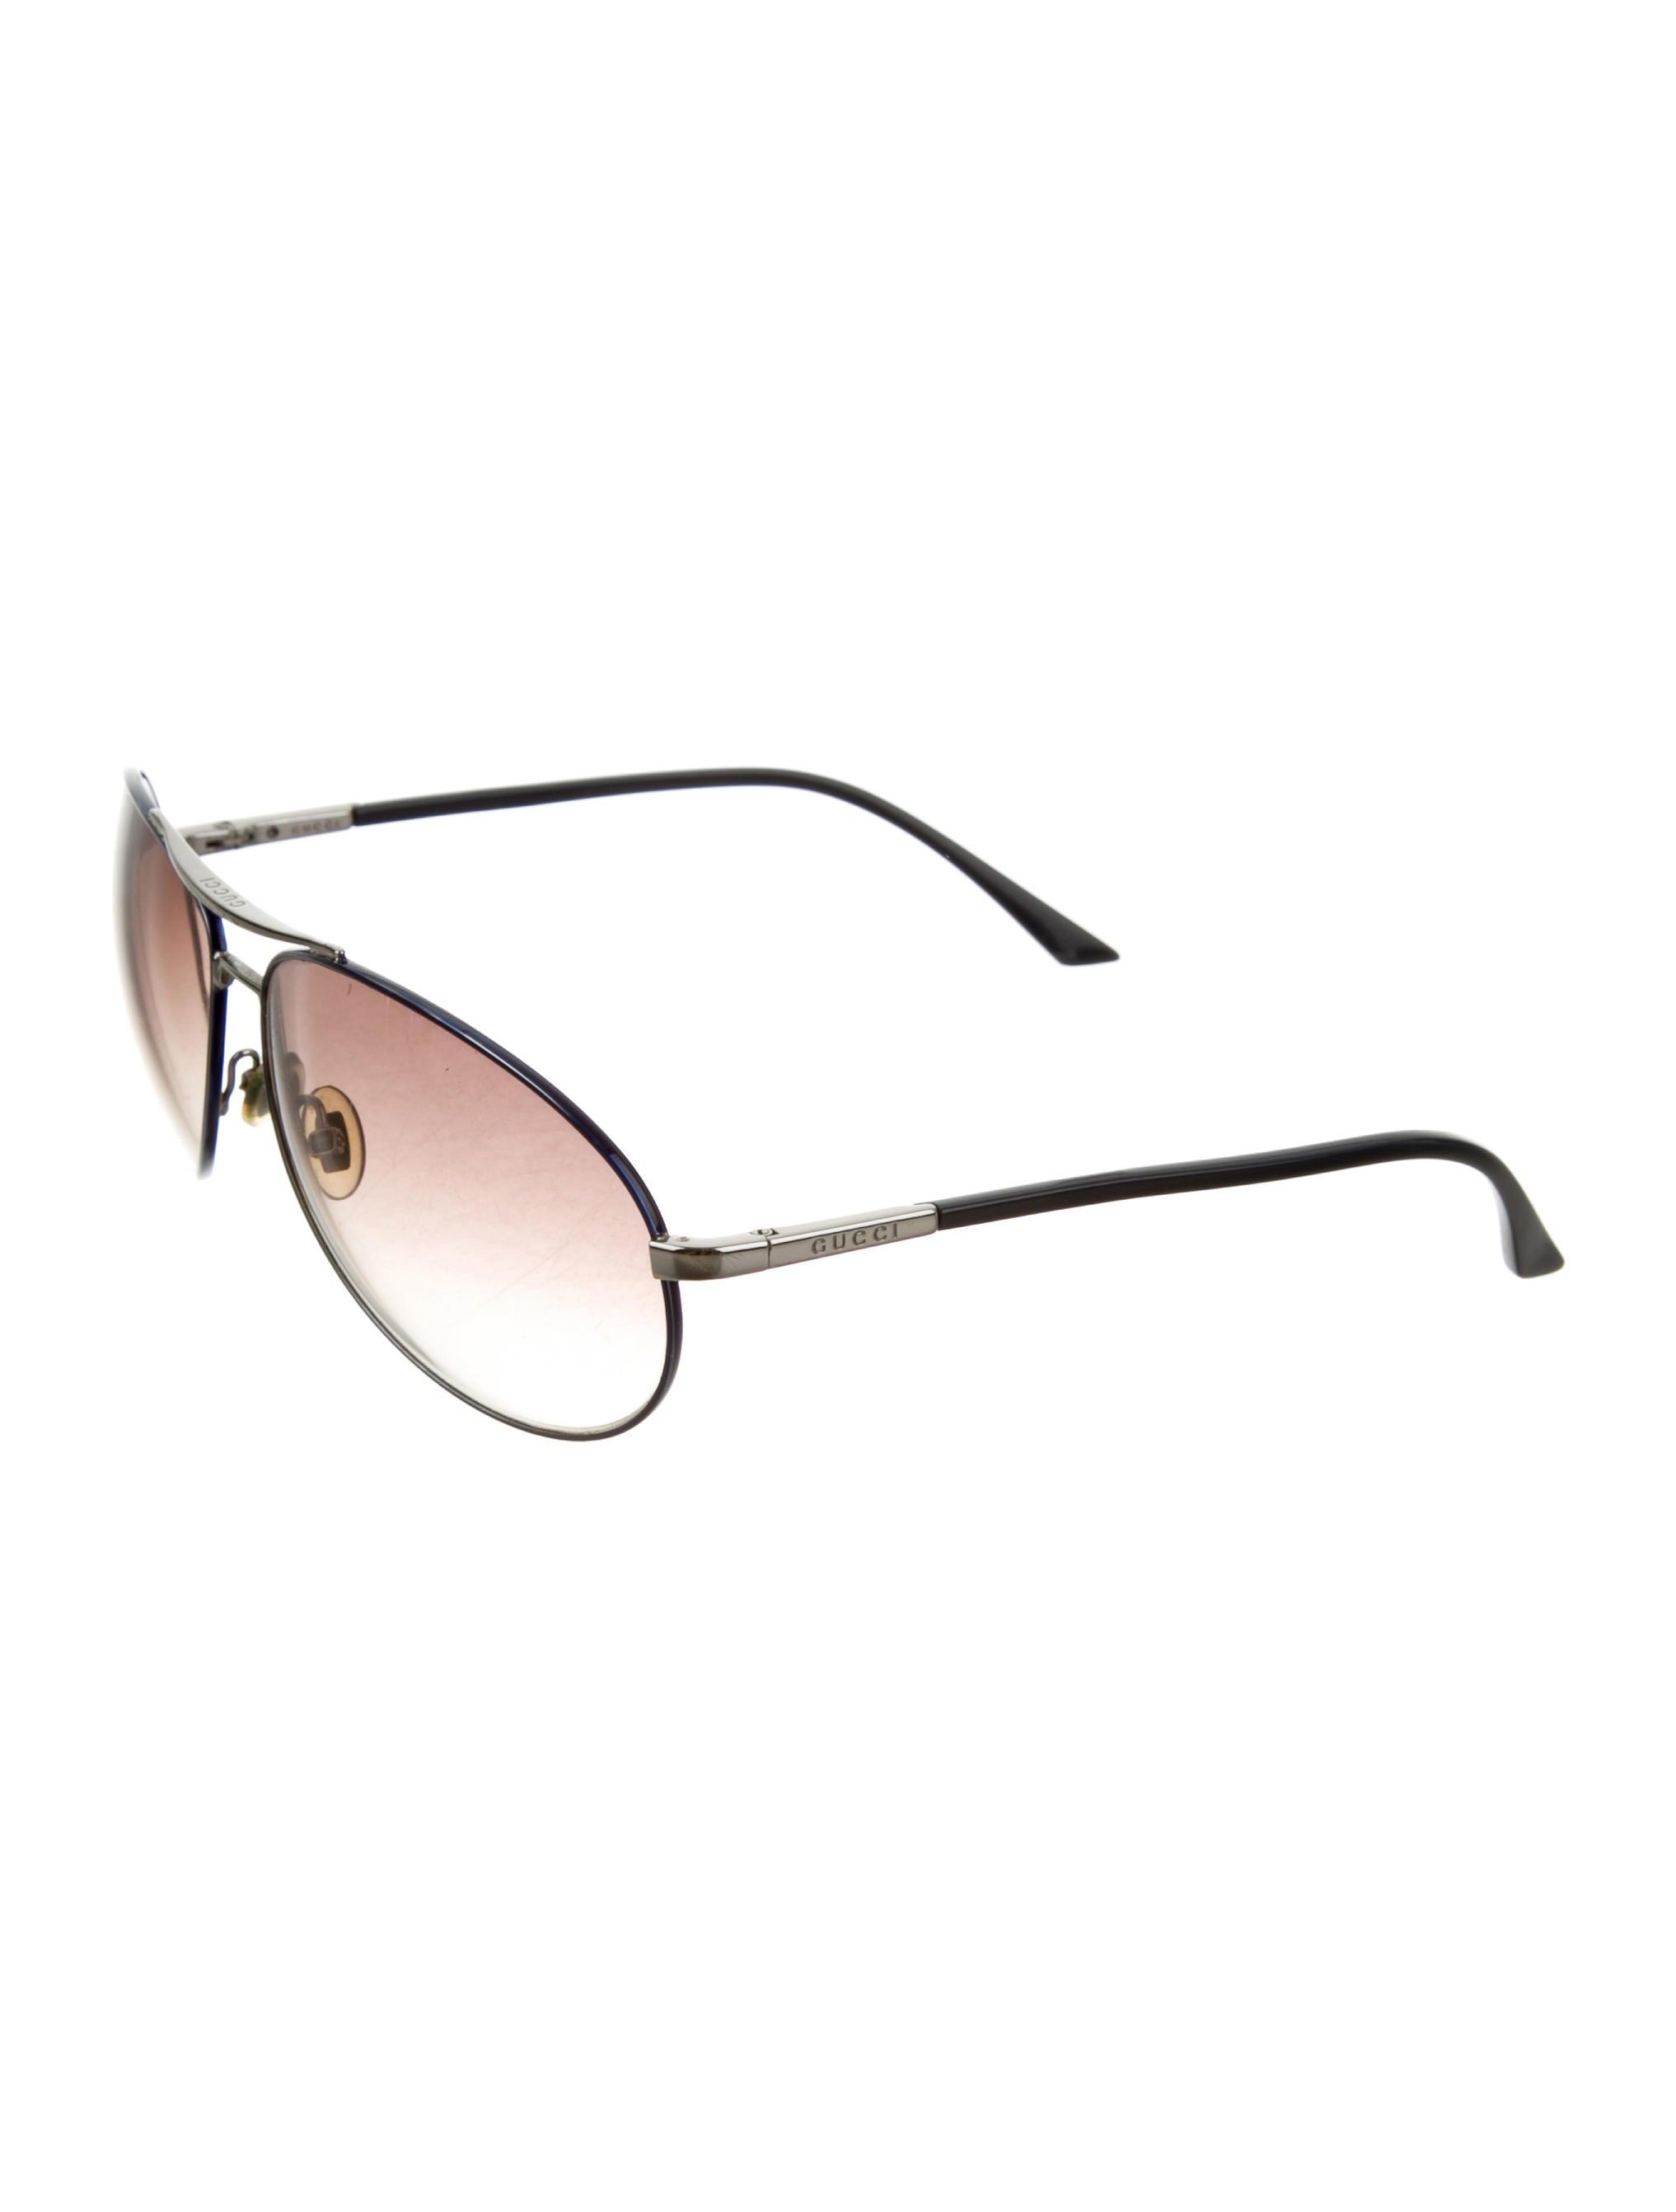 bbc1860afd Gucci Aviator Sunglasses - Accessories - GUC131838